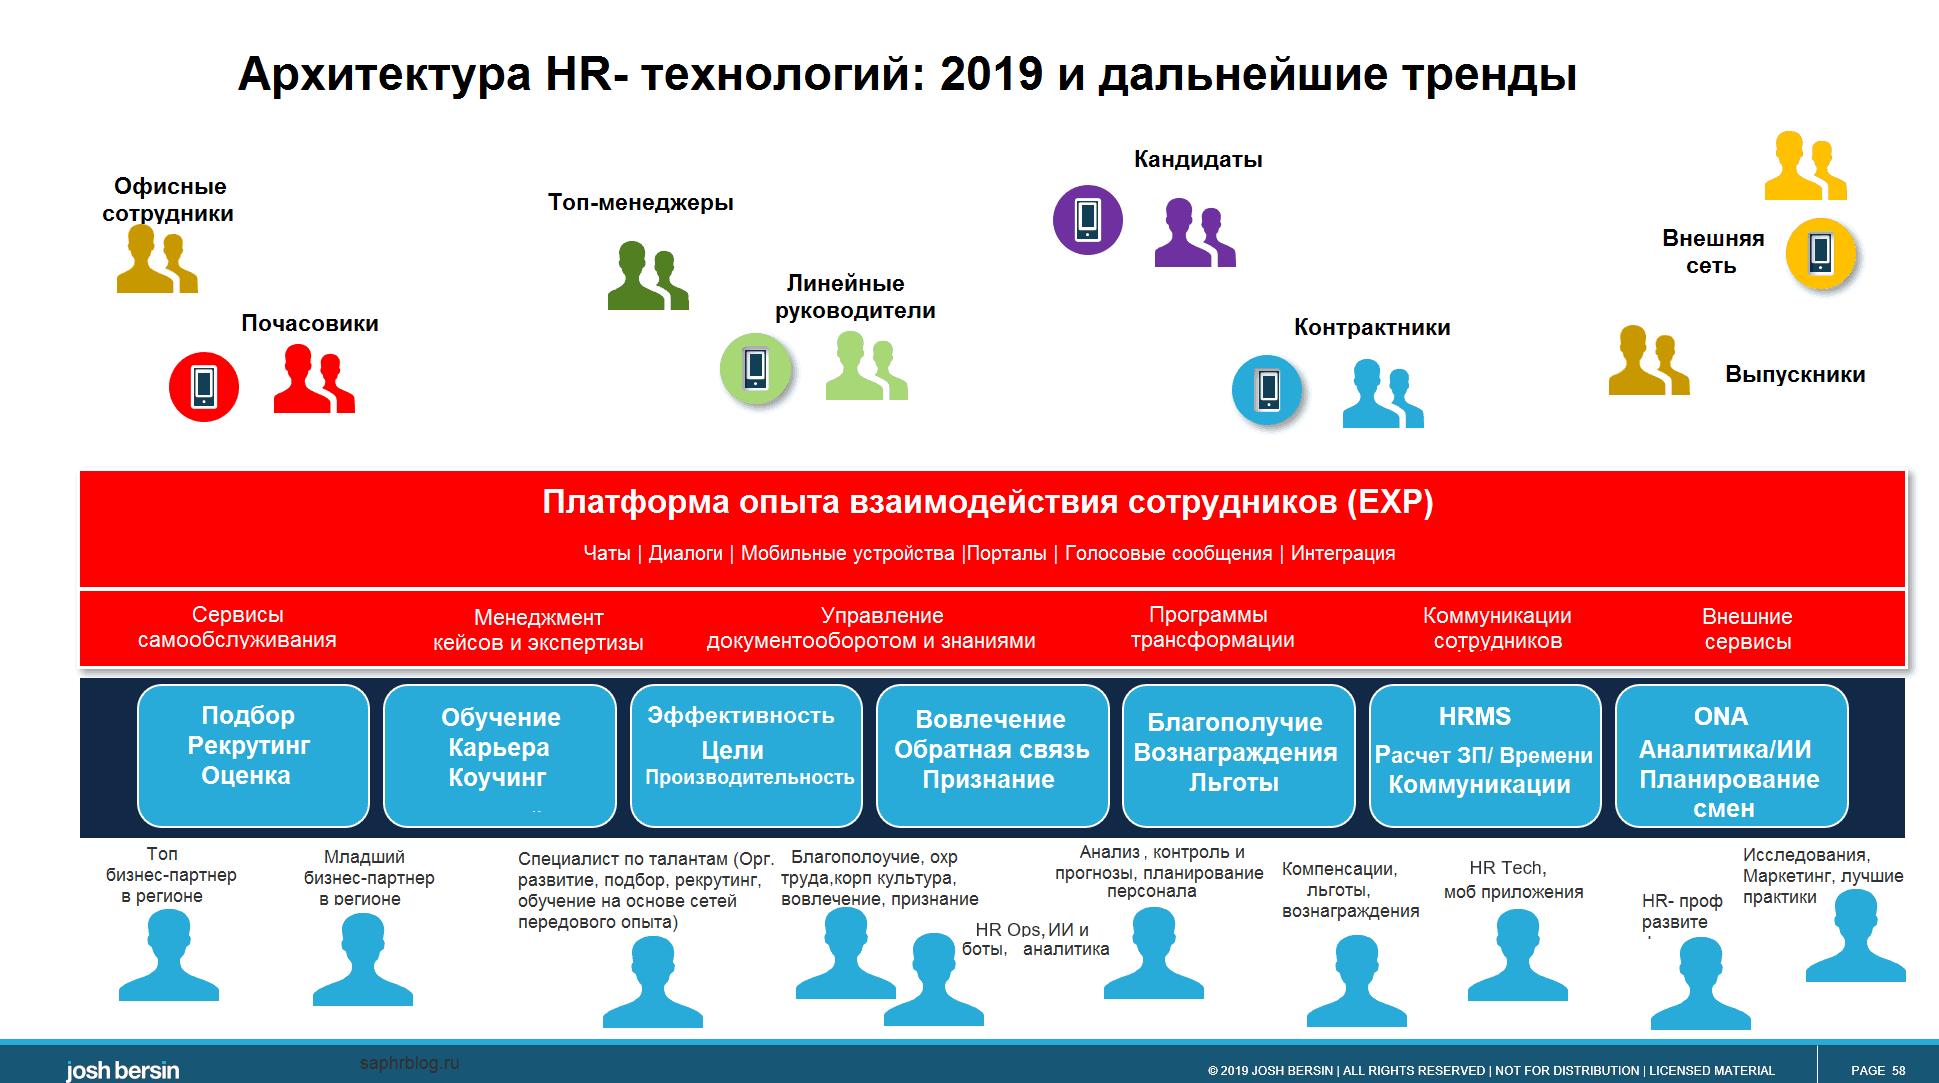 EXP системы вовлечения сотрудников